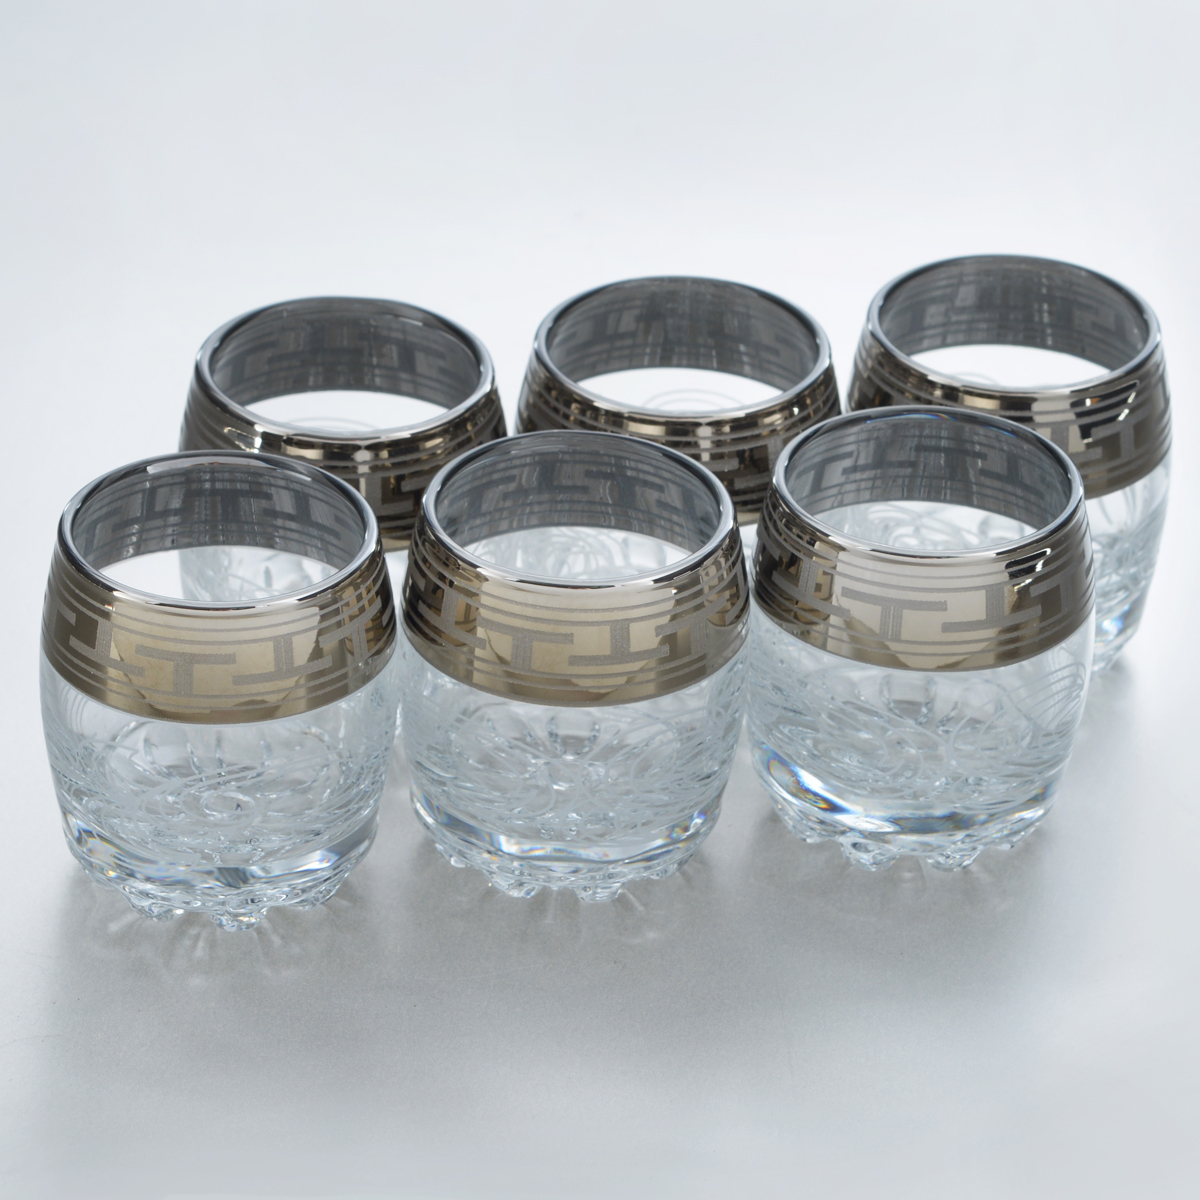 """Набор Гусь-Хрустальный """"Греческий узор"""" состоит из 6 низких стаканов с толстым дном, изготовленных из высококачественного натрий-кальций-силикатного стекла. Изделия оформлены красивым зеркальным покрытием, широкой окантовкой с греческим узором и белым матовым орнаментом. Стаканы предназначены для подачи виски. Такой набор прекрасно дополнит праздничный стол и станет желанным подарком в любом доме. Разрешается мыть в посудомоечной машине. Диаметр стакана (по верхнему краю): 7,5 см. Высота стакана: 9 см."""